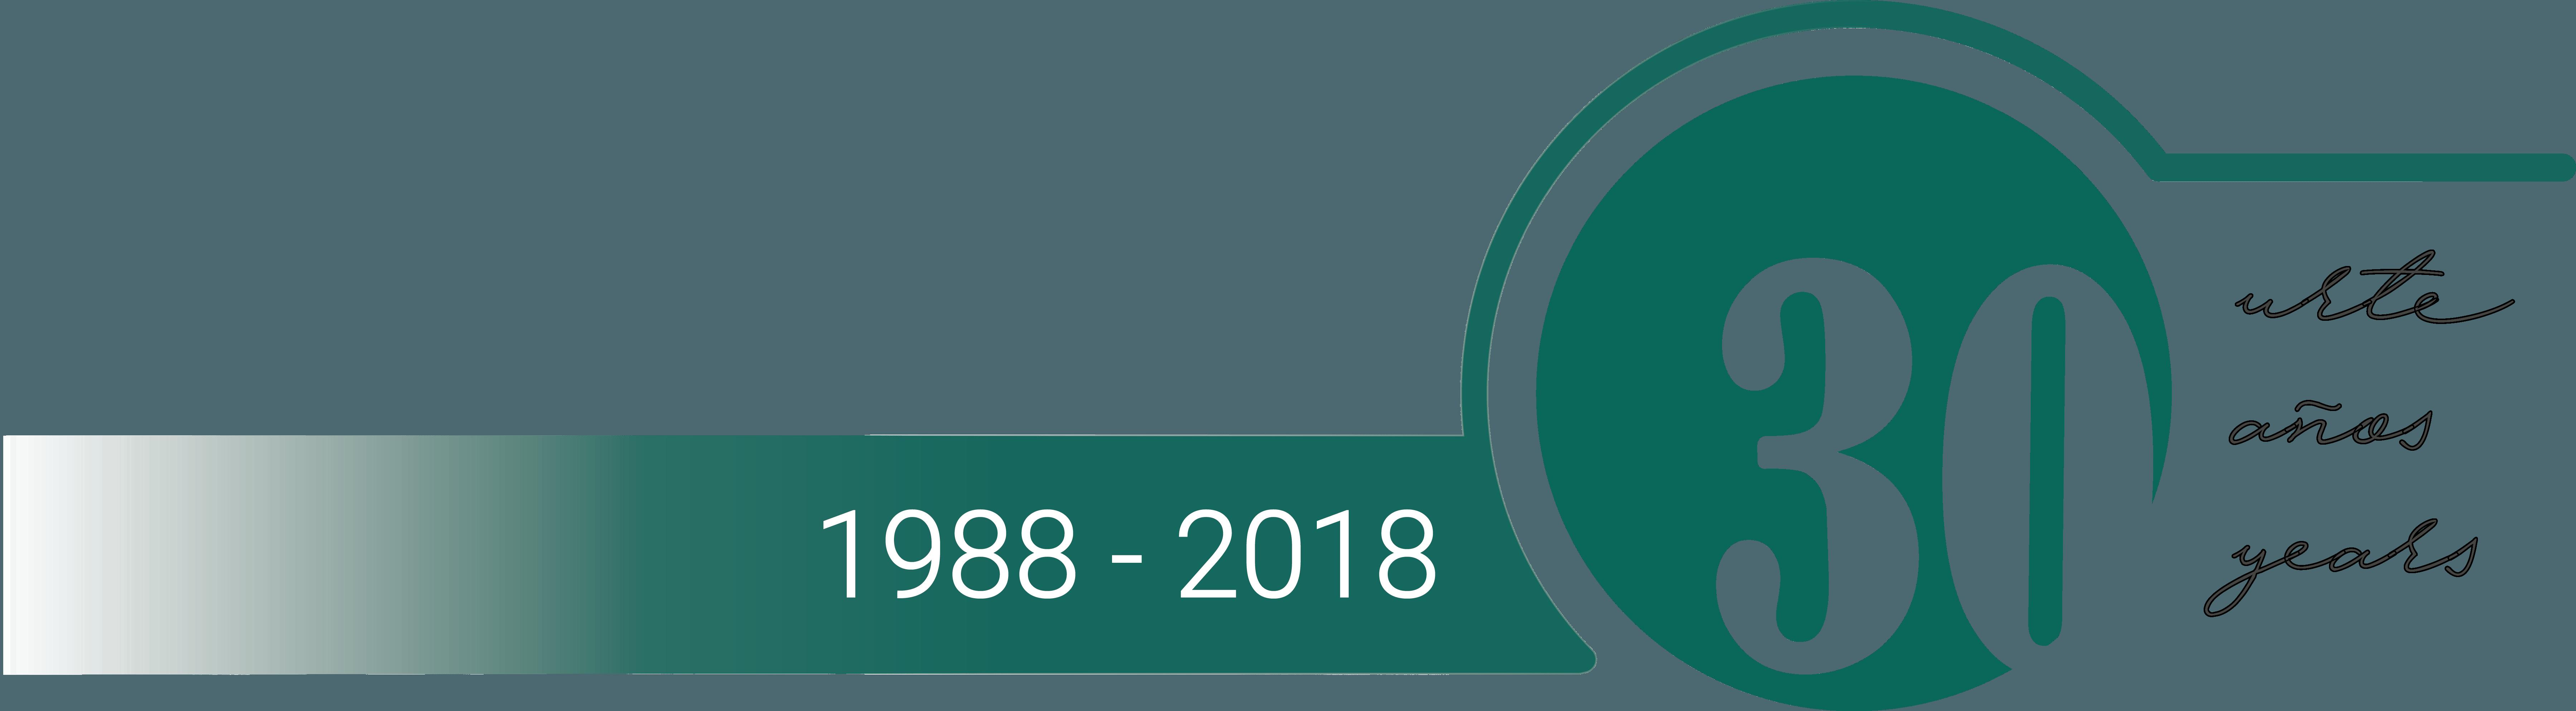 logo 30 aniversario larraioz elektronika